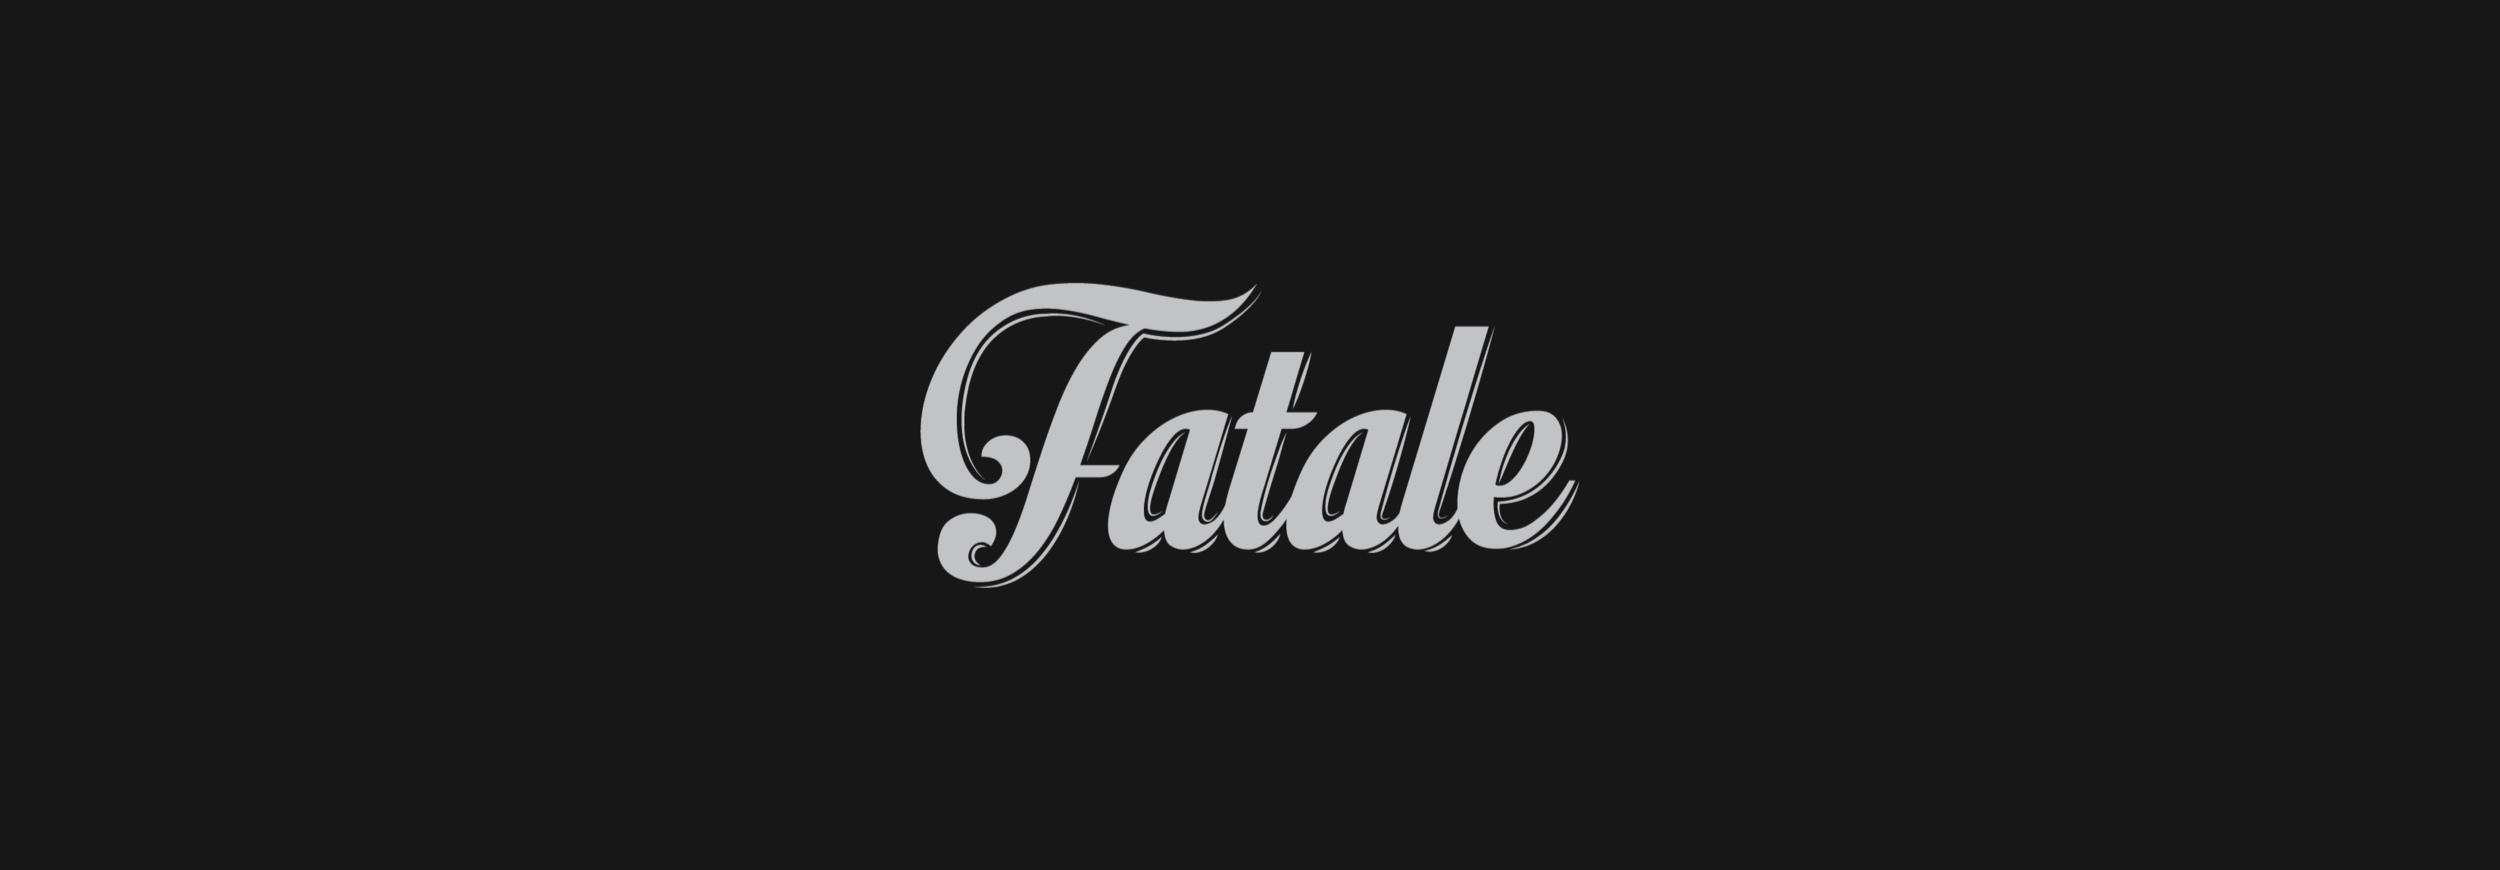 fatale_logo-04.jpg